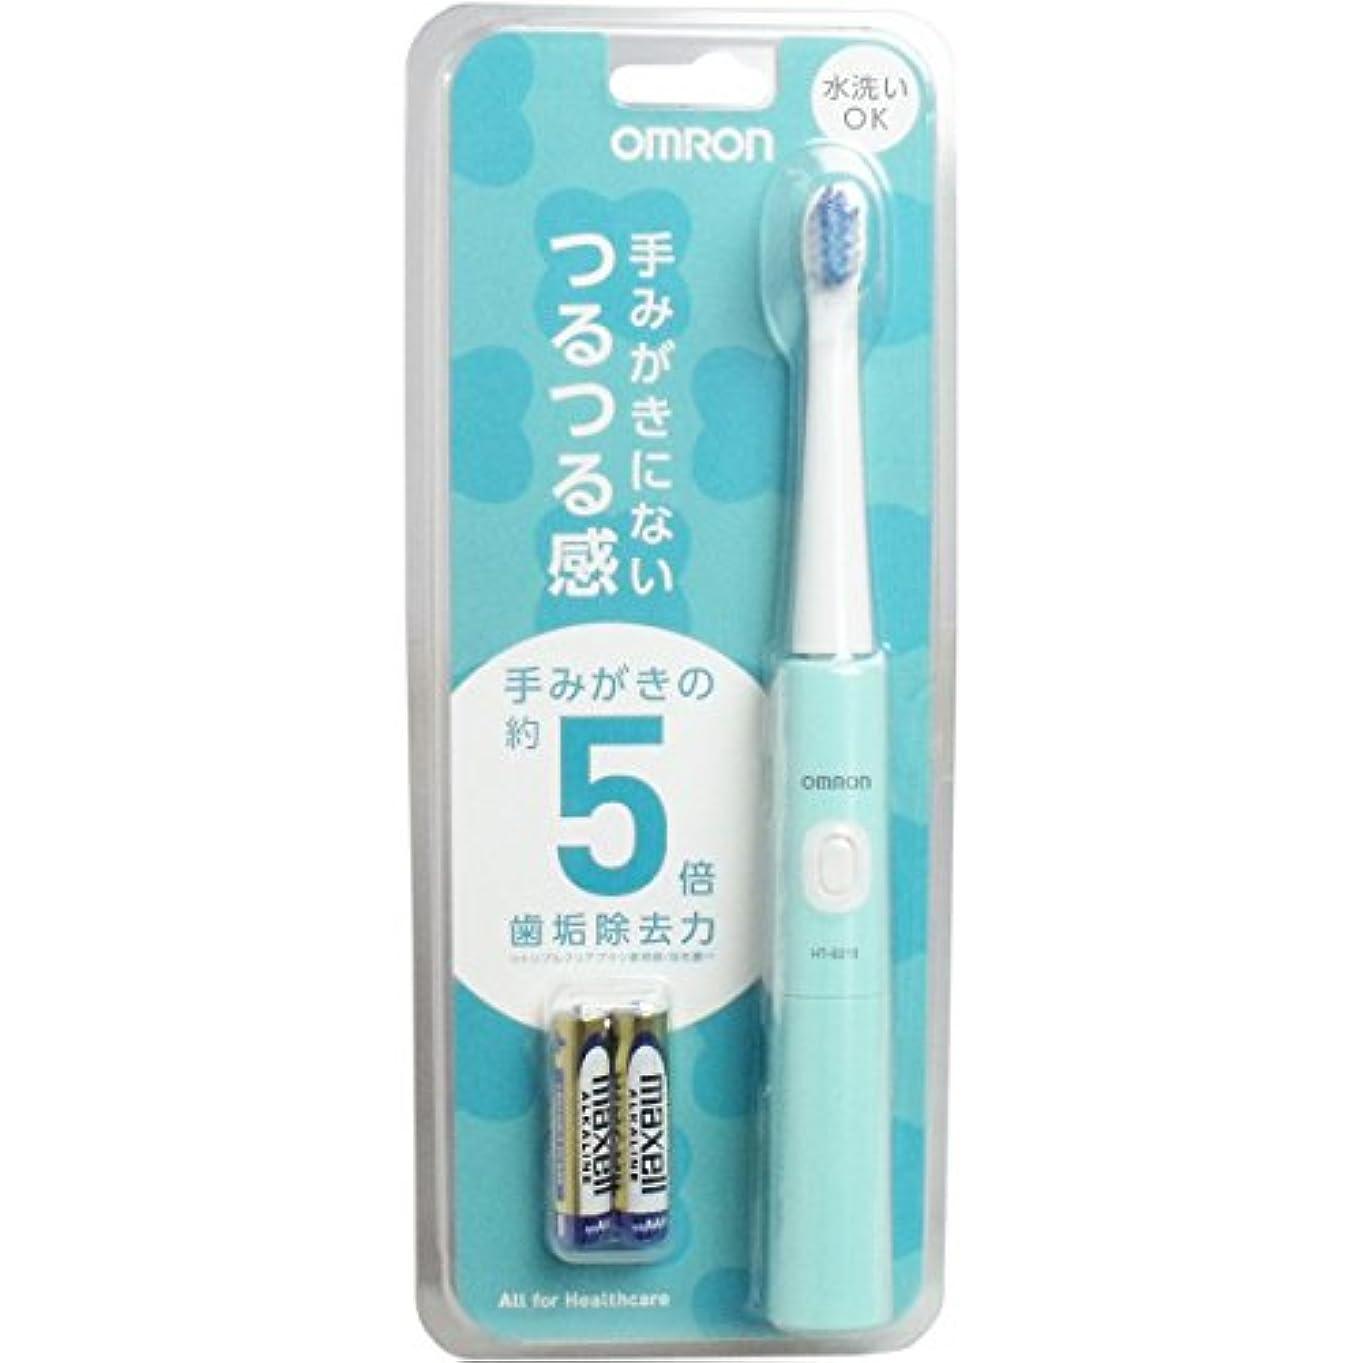 思い出す東ピアースオムロンヘルスケア 音波式電動歯ブラシ ミントグリーン HT-B210-G